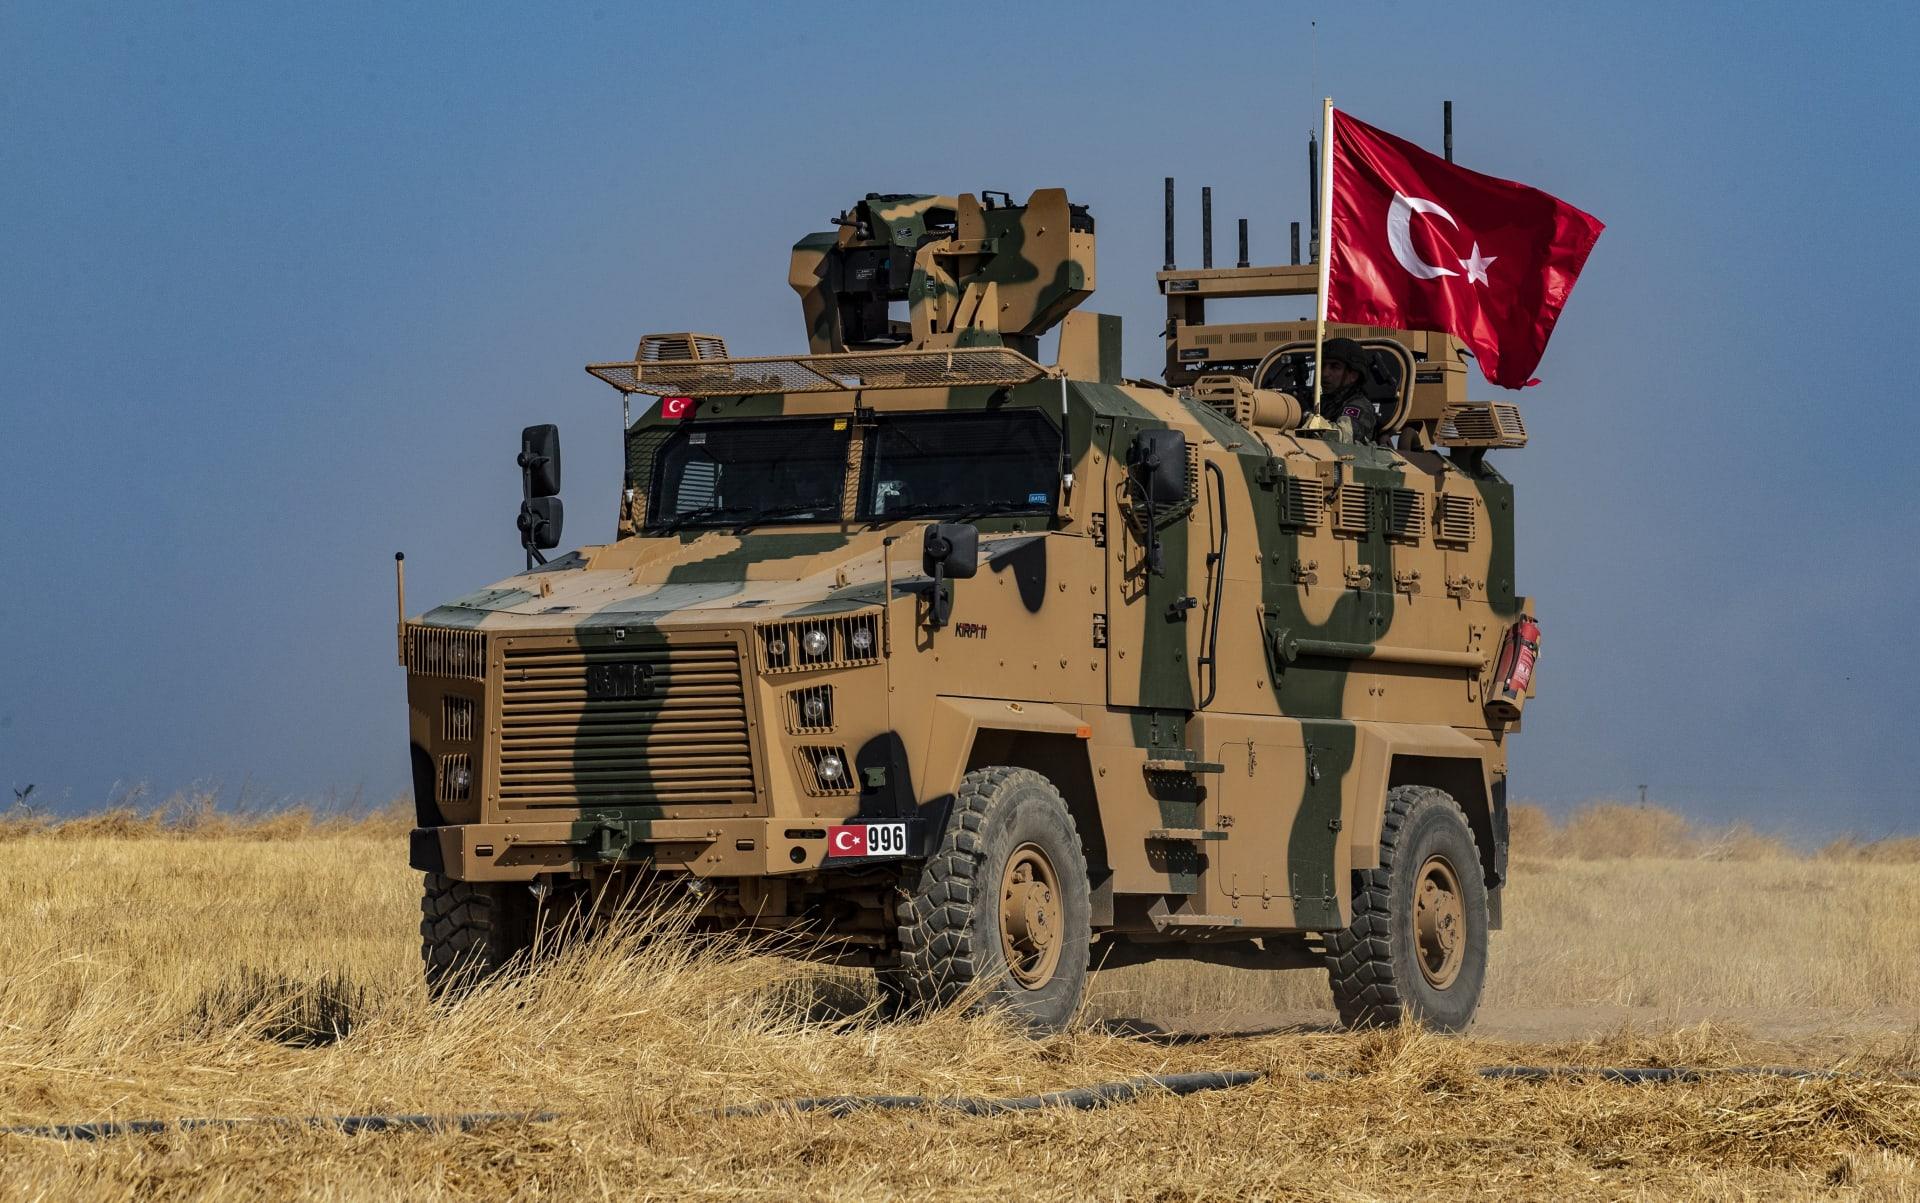 النظام السوري: السلوك العدواني لنظام أردوغان يظهر الأطماع التوسعية